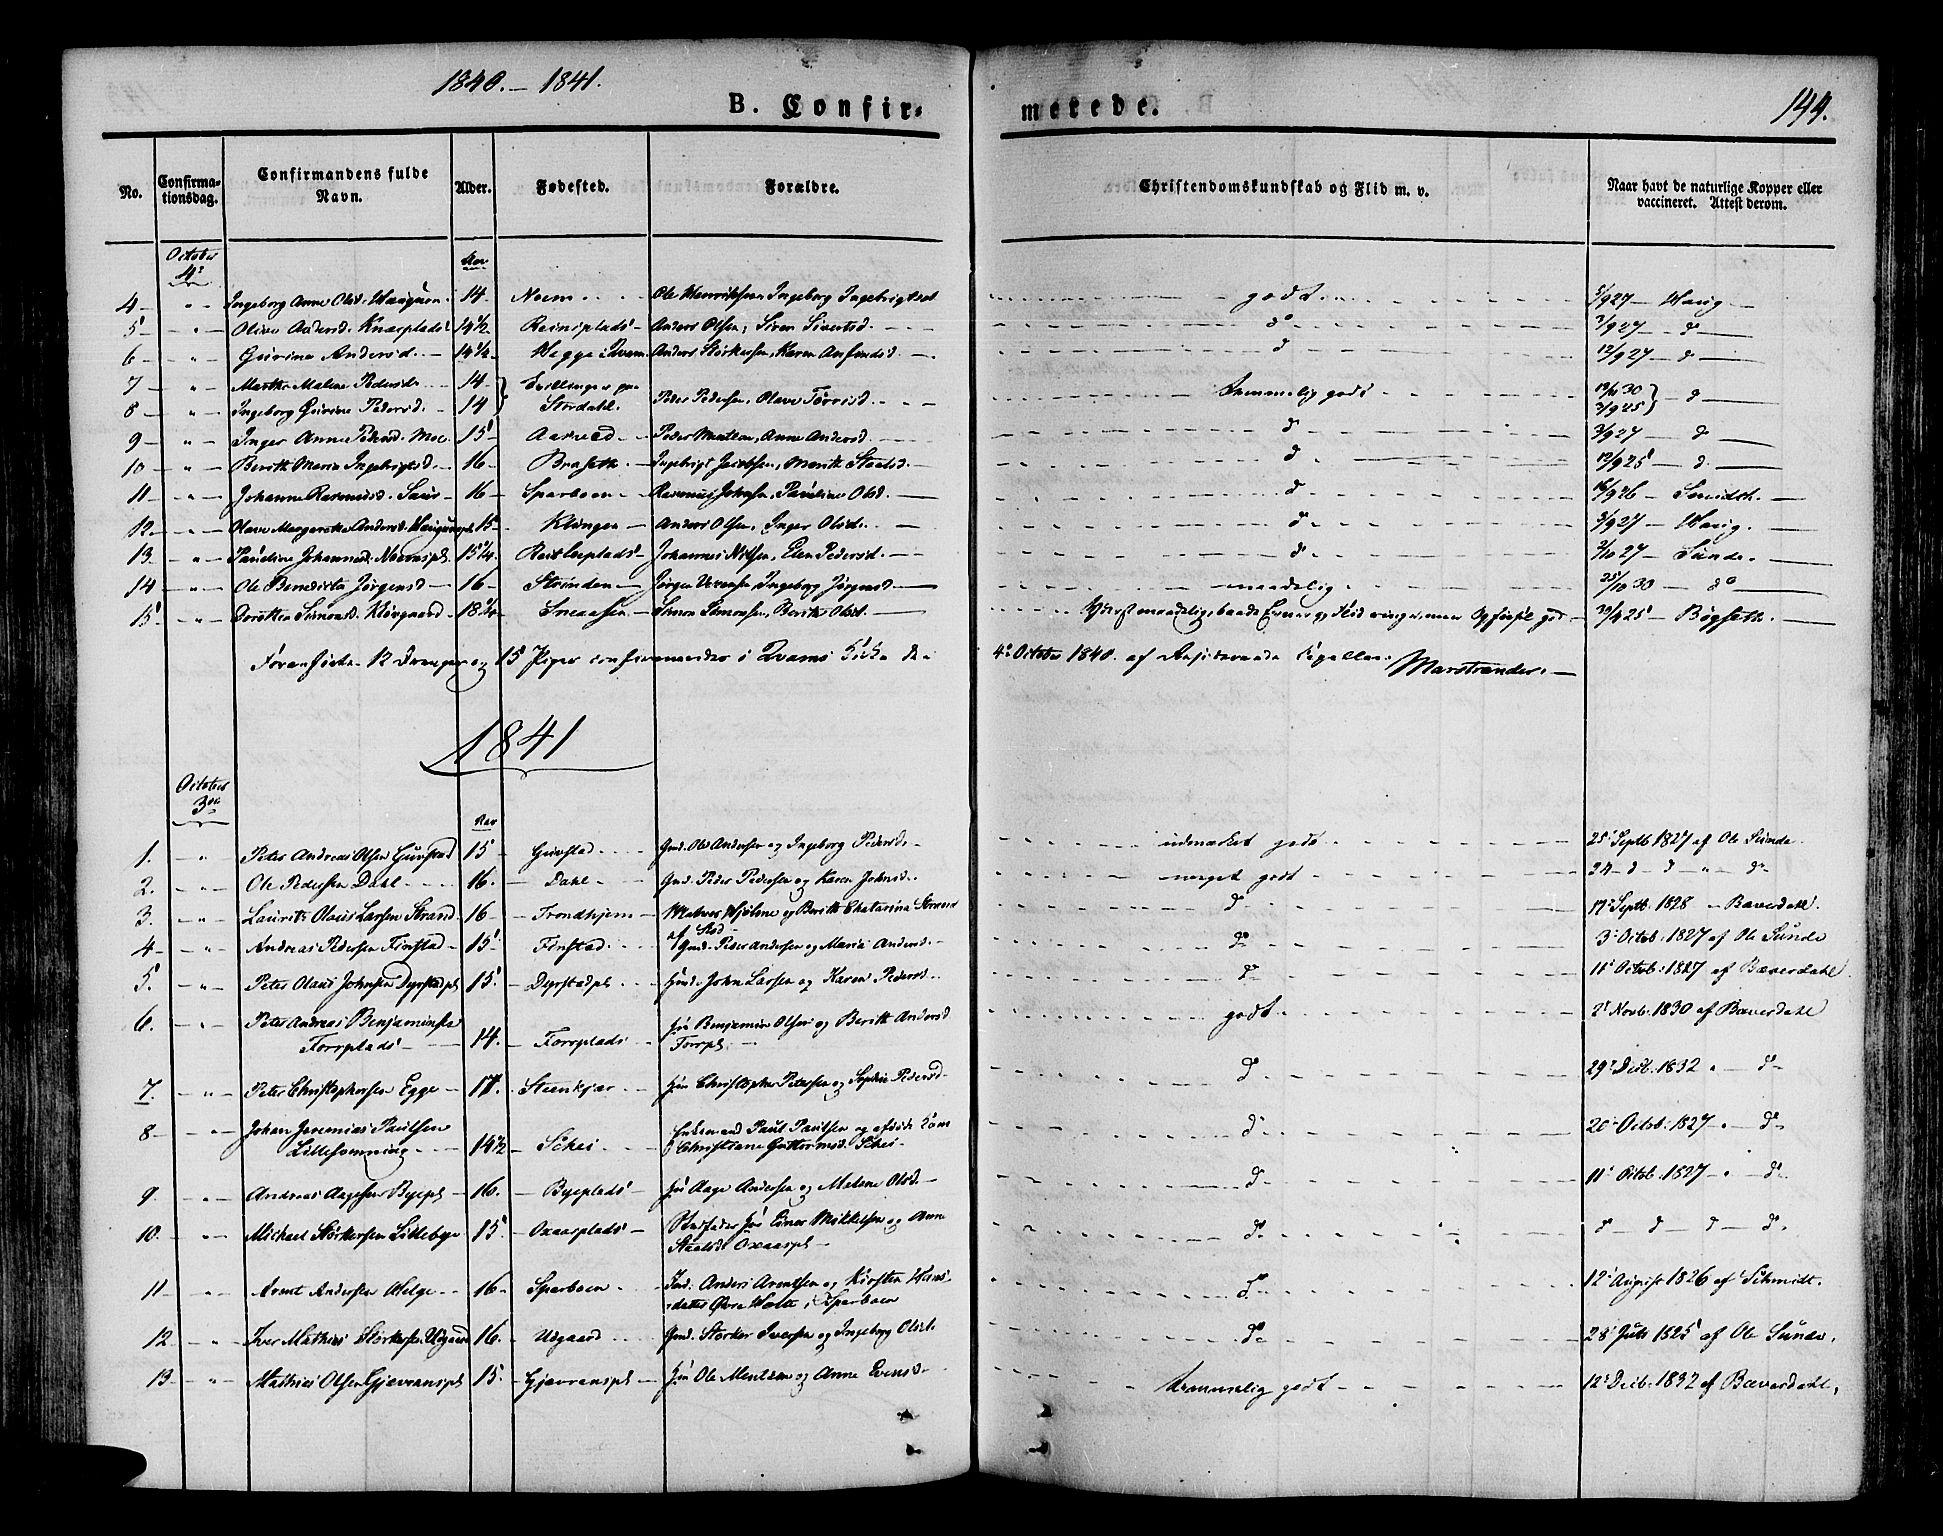 SAT, Ministerialprotokoller, klokkerbøker og fødselsregistre - Nord-Trøndelag, 746/L0445: Ministerialbok nr. 746A04, 1826-1846, s. 144